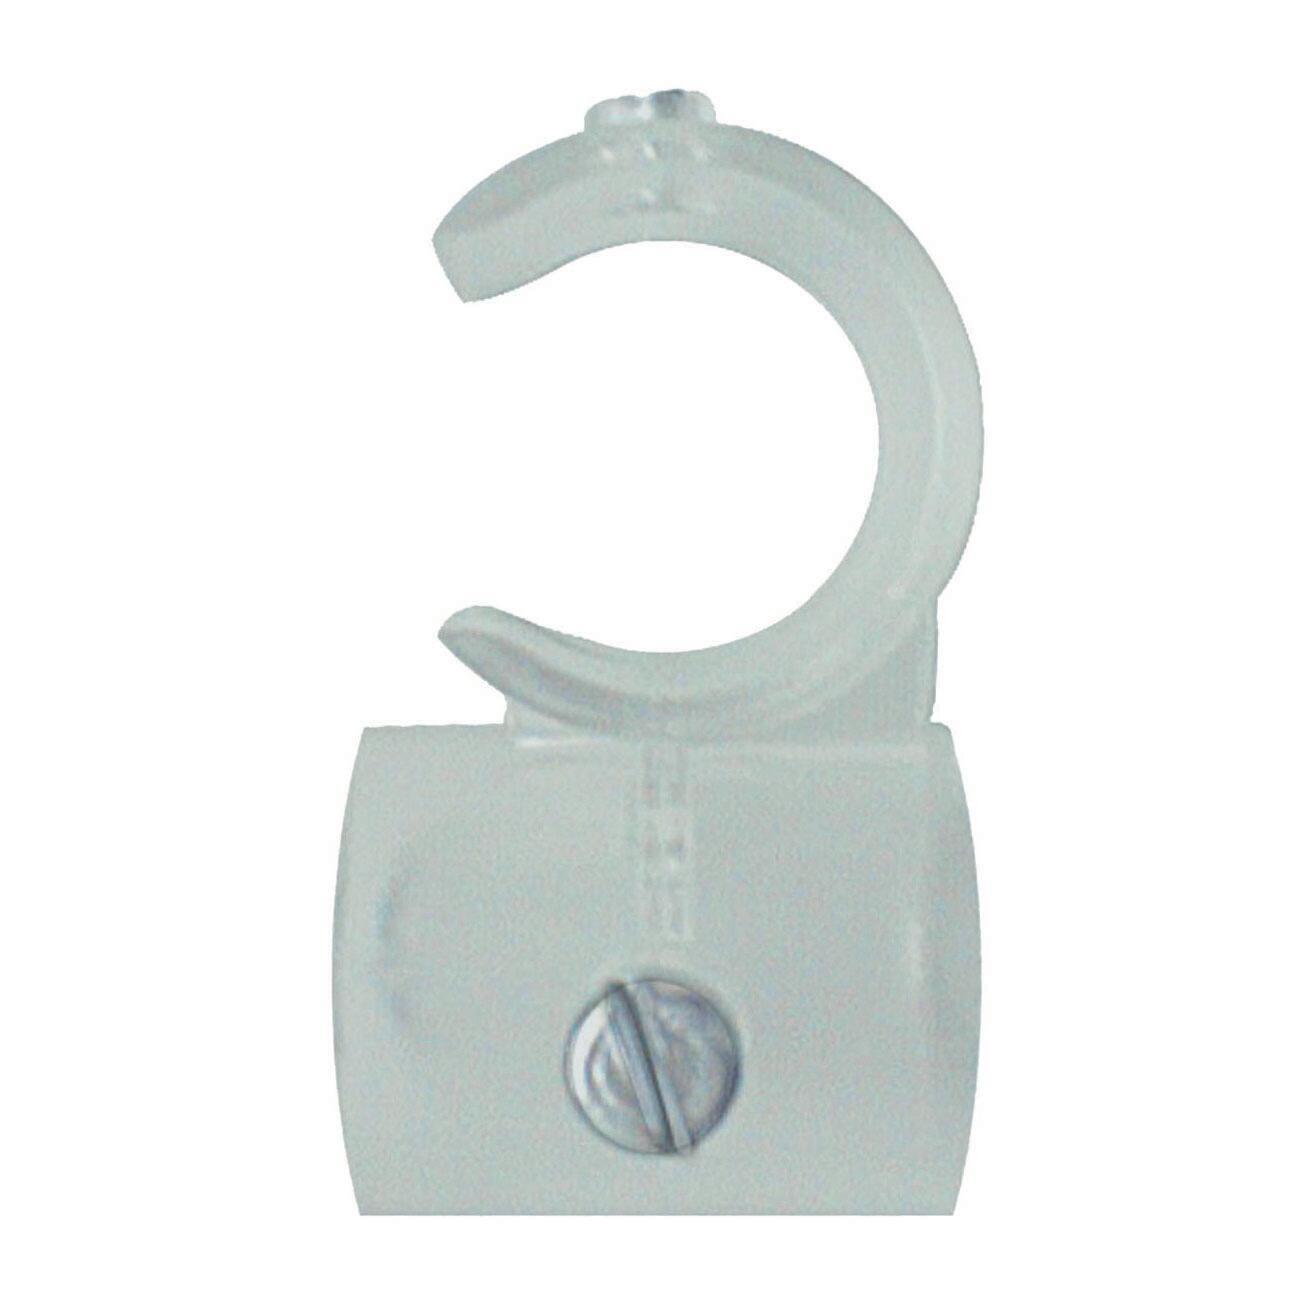 Adattatore plastica L 5.8 cm trasparente